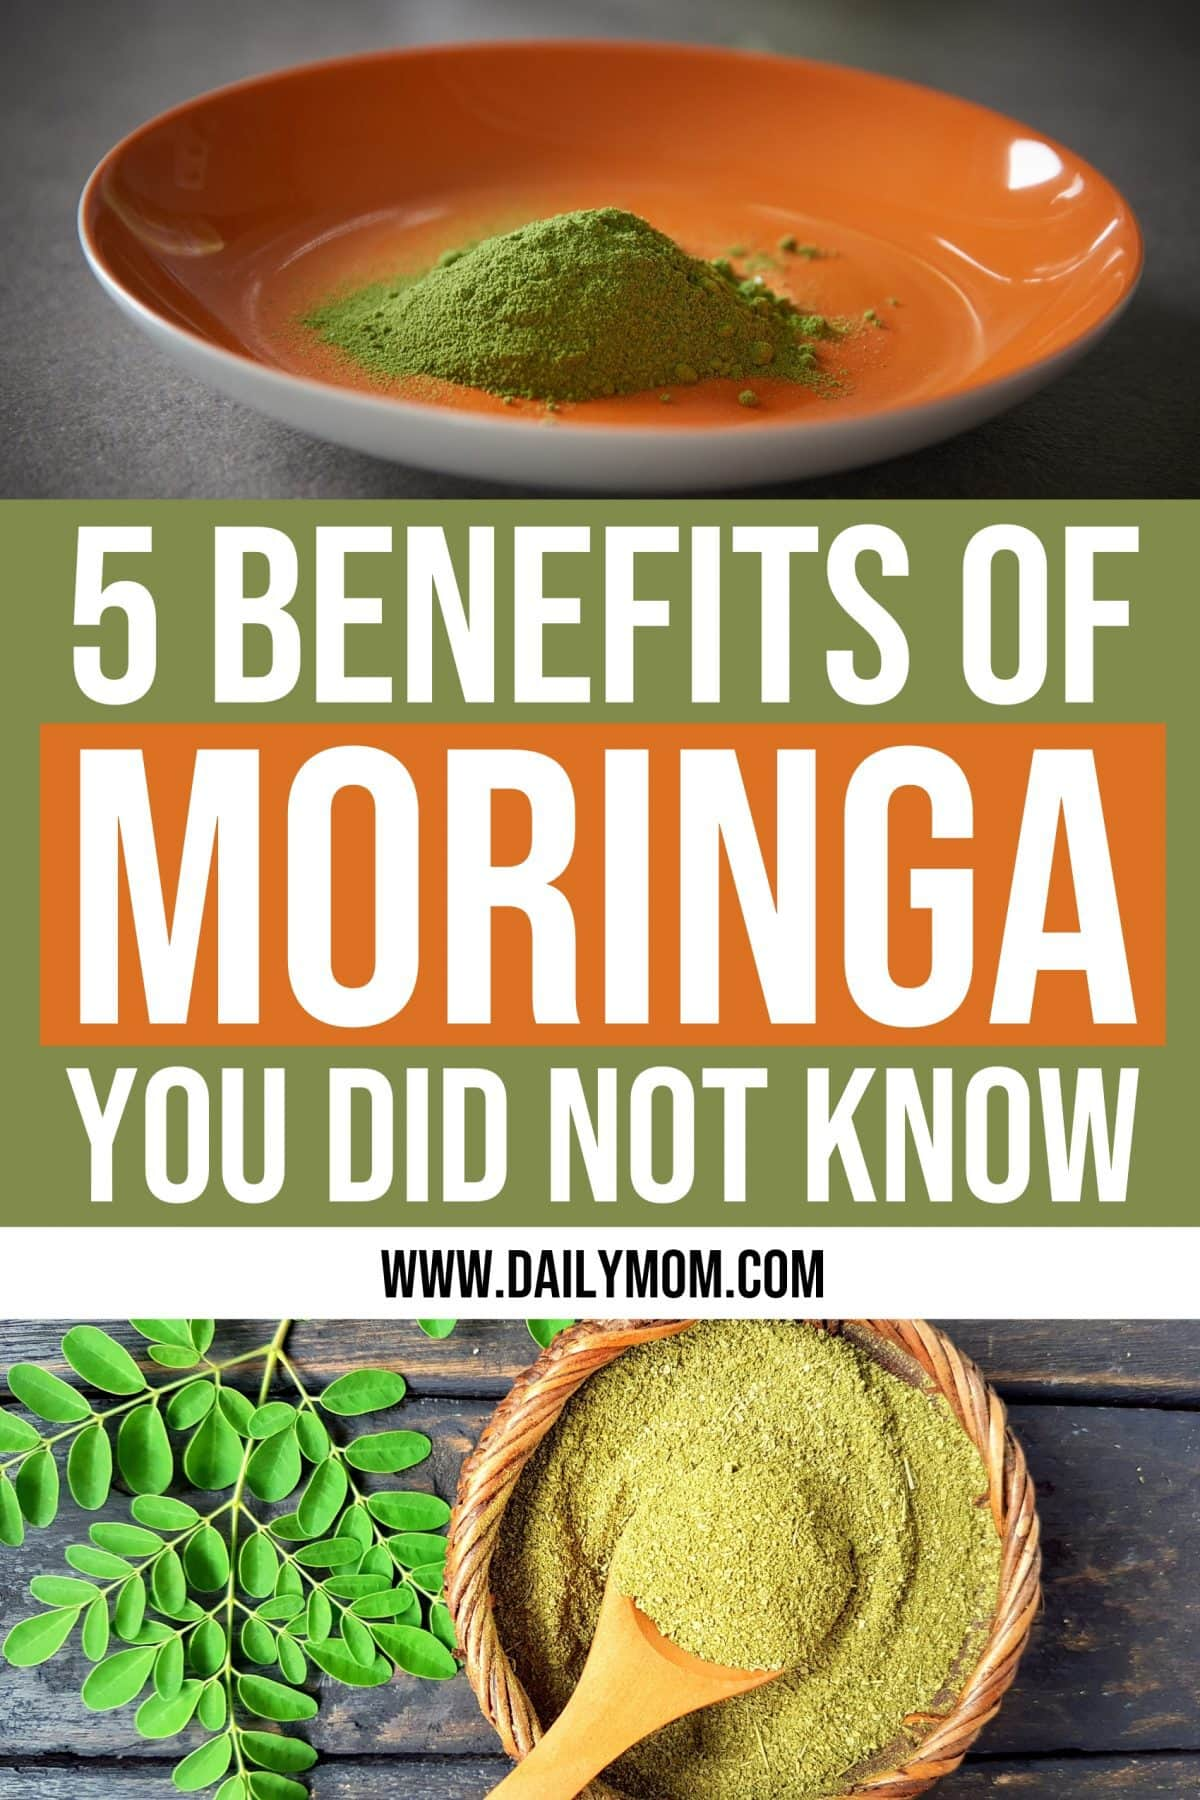 daily mom parent portal benefits of moringa